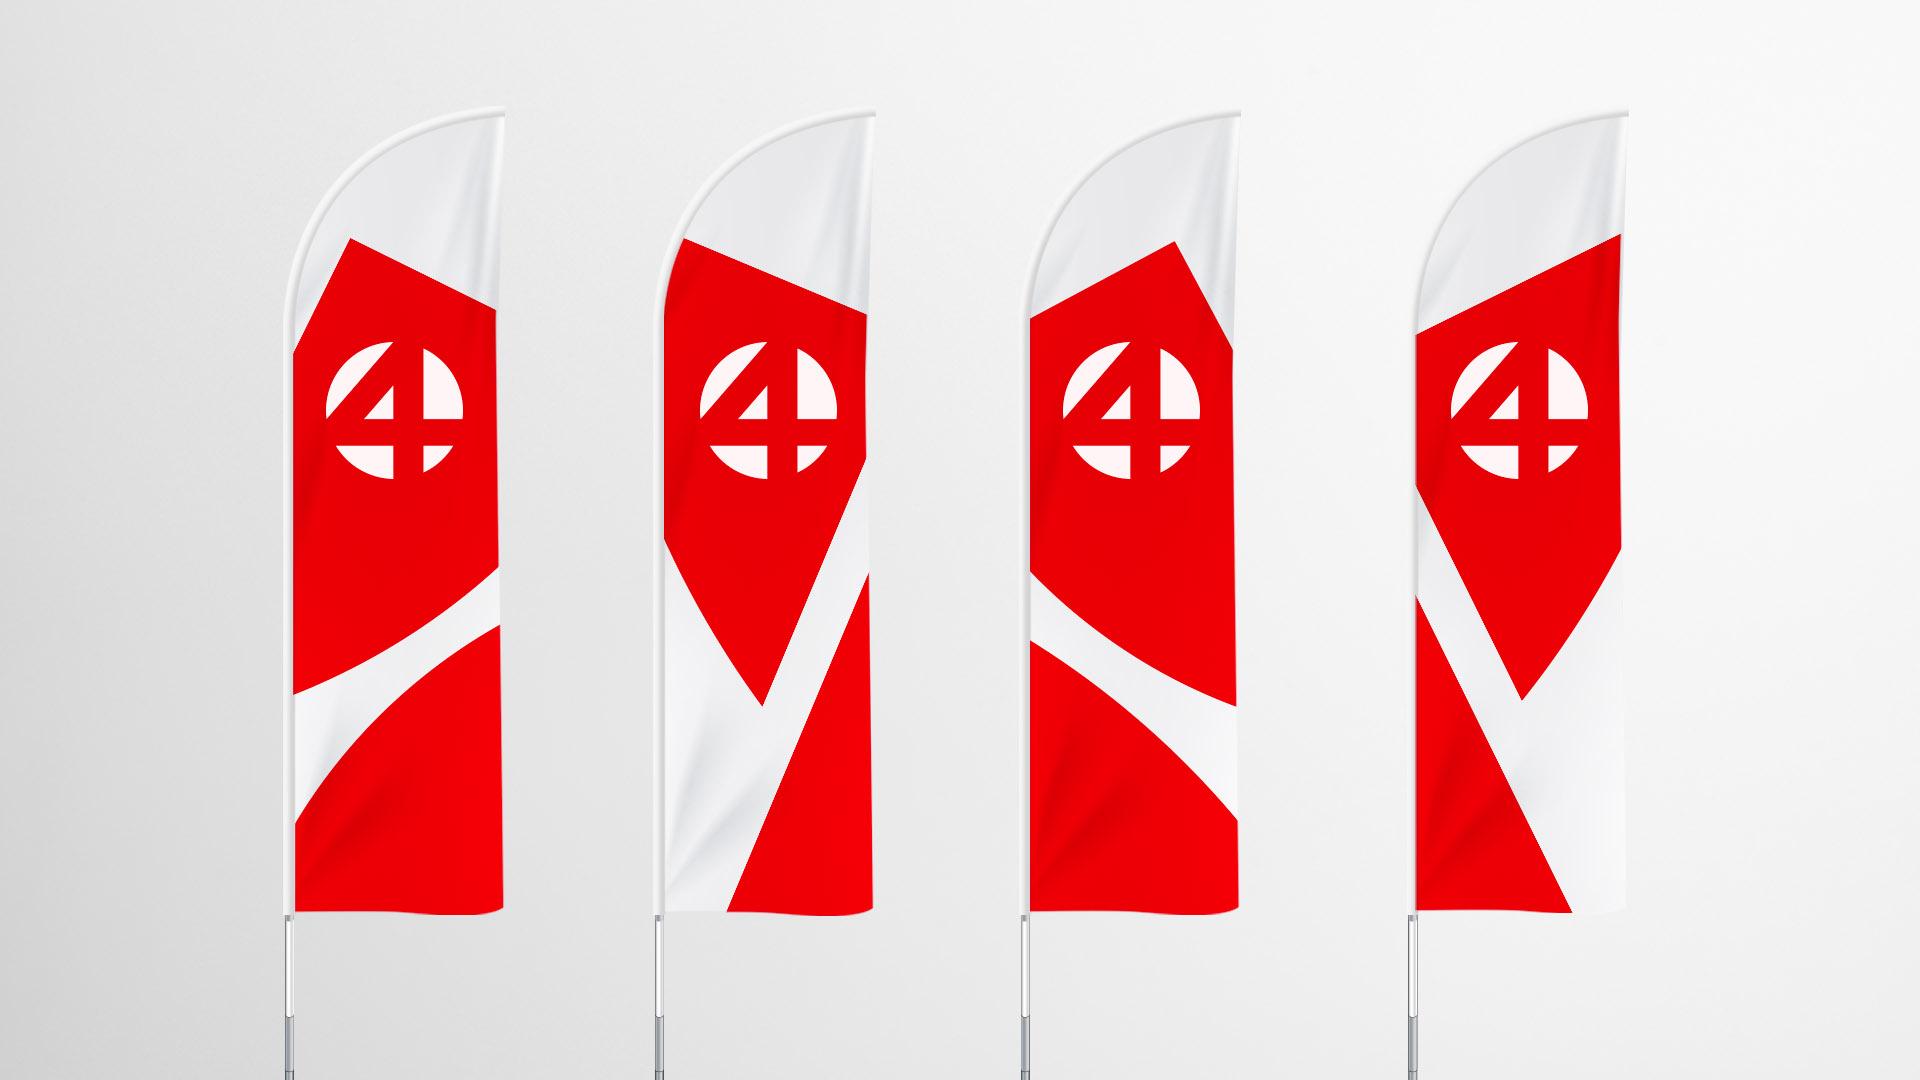 SBS VIER Flags